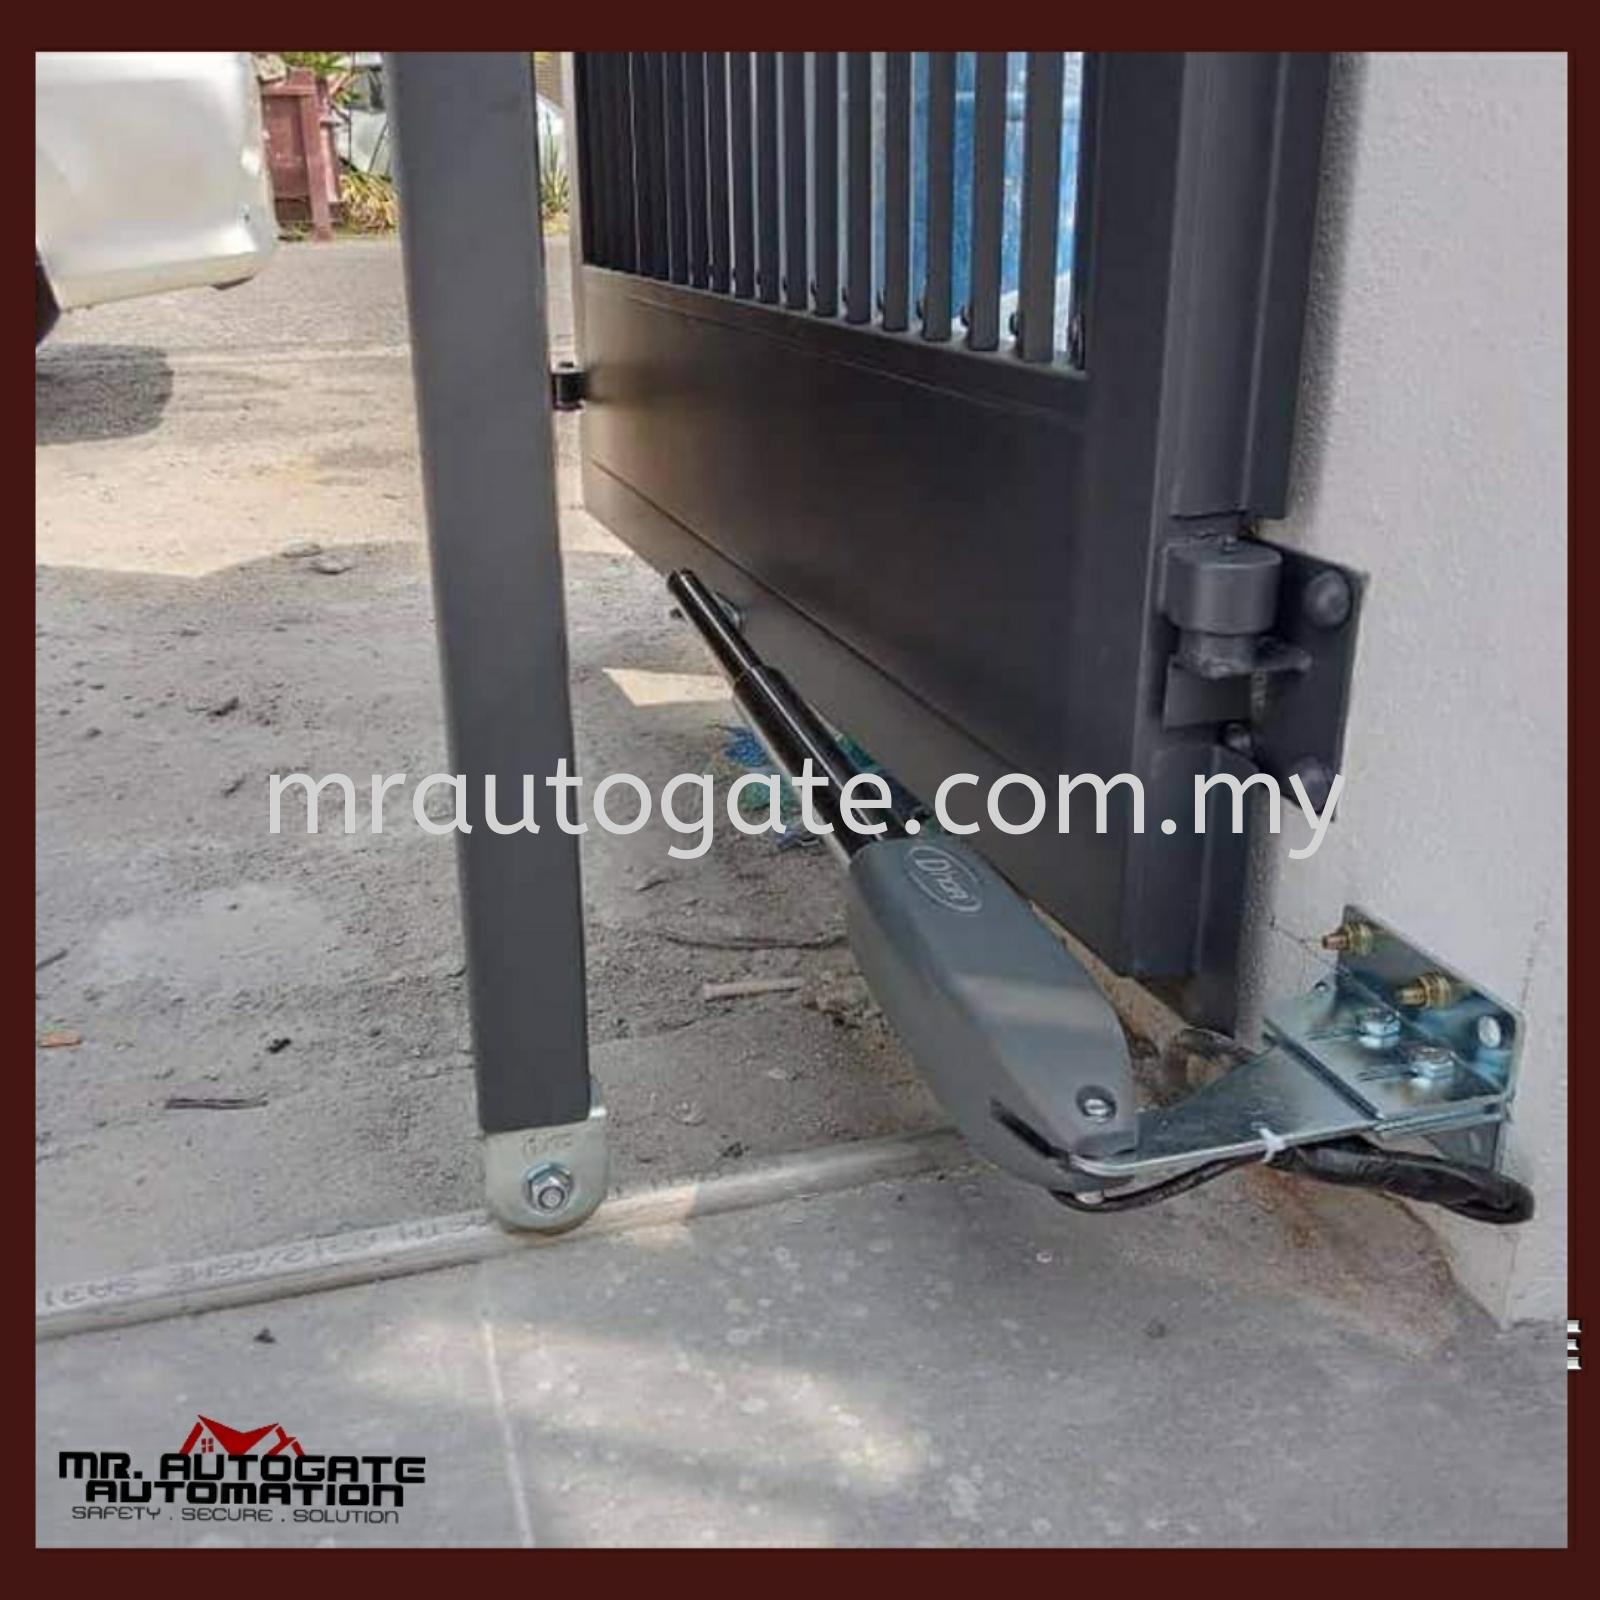 18JAN2021 Dnor 712 Autogate Shah Alam , Petaling Jaya , Batu Caves , Selayang , Rawang , Subang Jaya , Damansara ,